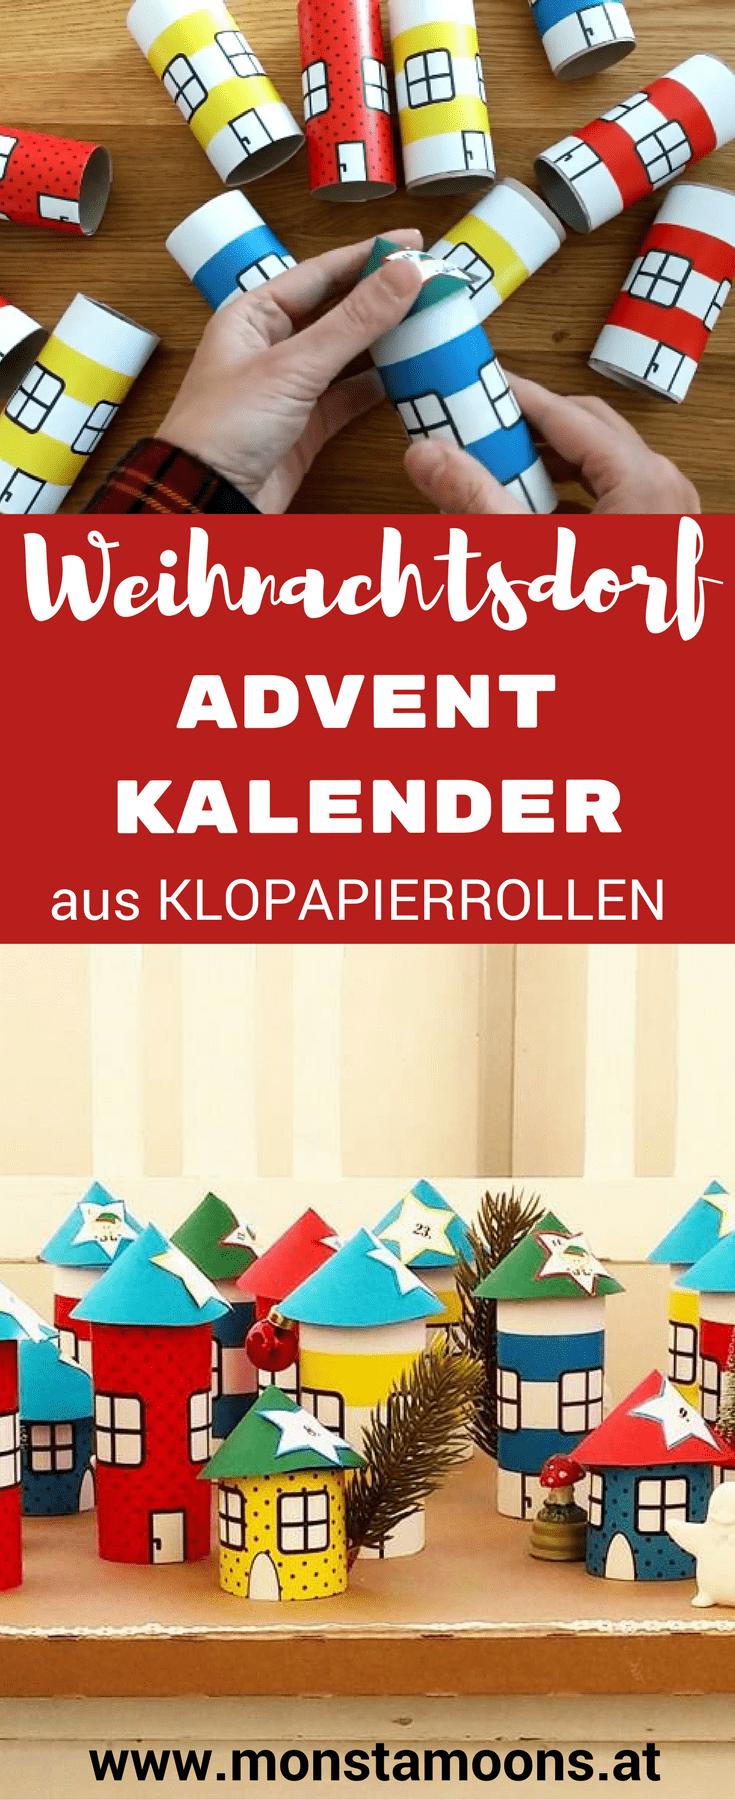 Adventkalender Weihnachtsdorf